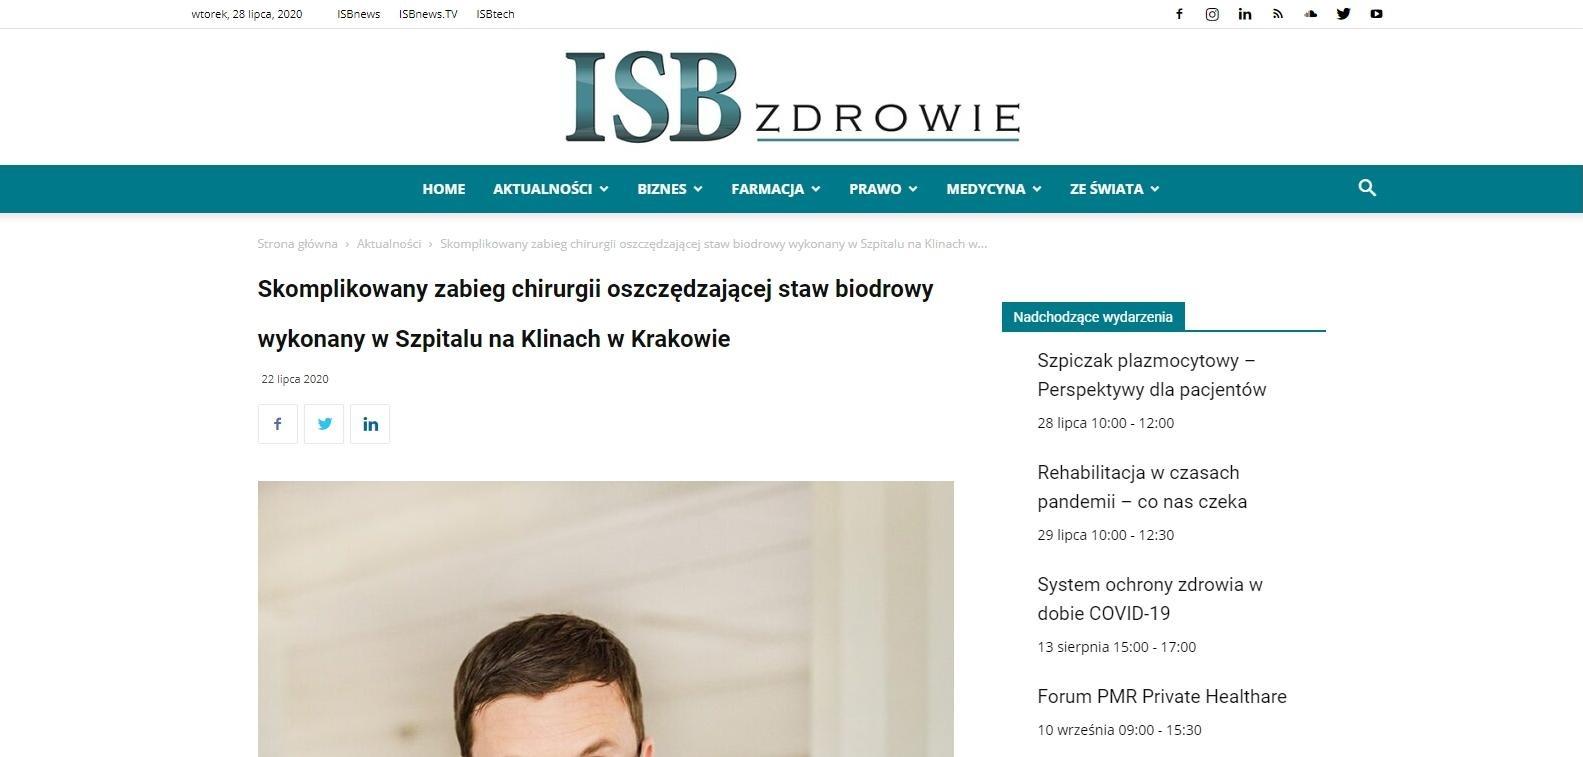 skomplikowany zabieg chirurgii oszczedzajacej staw biodrowy wykonany w szpitalu na klinach w krakowie